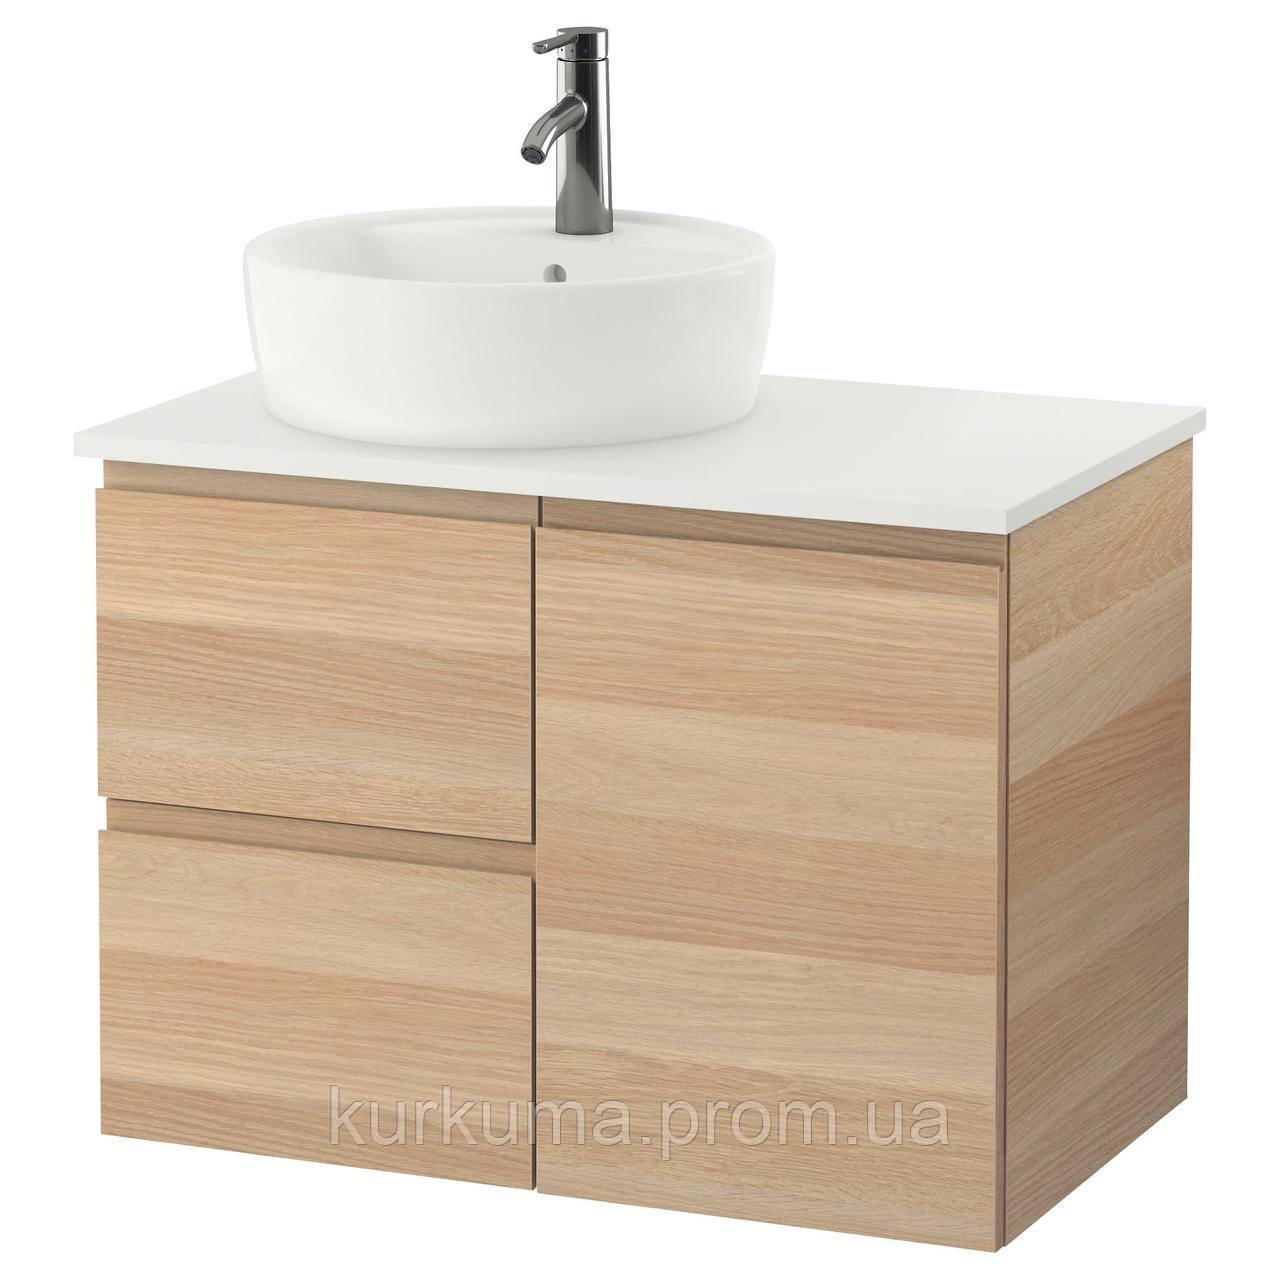 IKEA GODMORGON/TOLKEN/TORNVIKEN Шкаф под умывальник с раковиной 45 см, белый дубовый шпон, белый  (691.931.81)